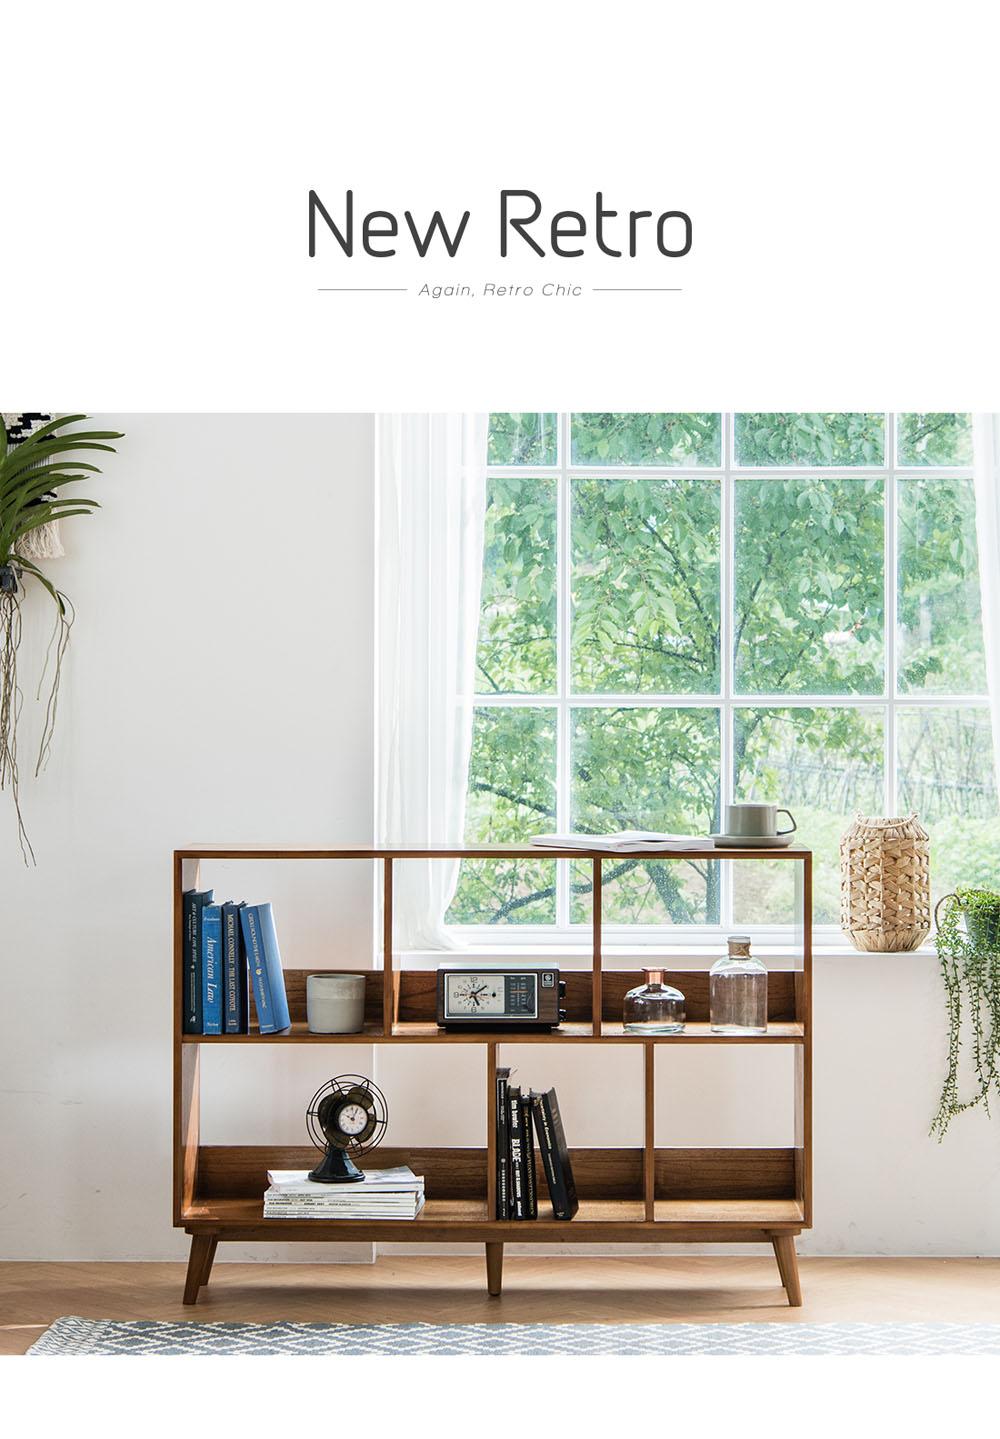 New_Retro_Square_Book_Shelf_Furniture_Online_Scenery_1_Singapore_by_born_in_colour